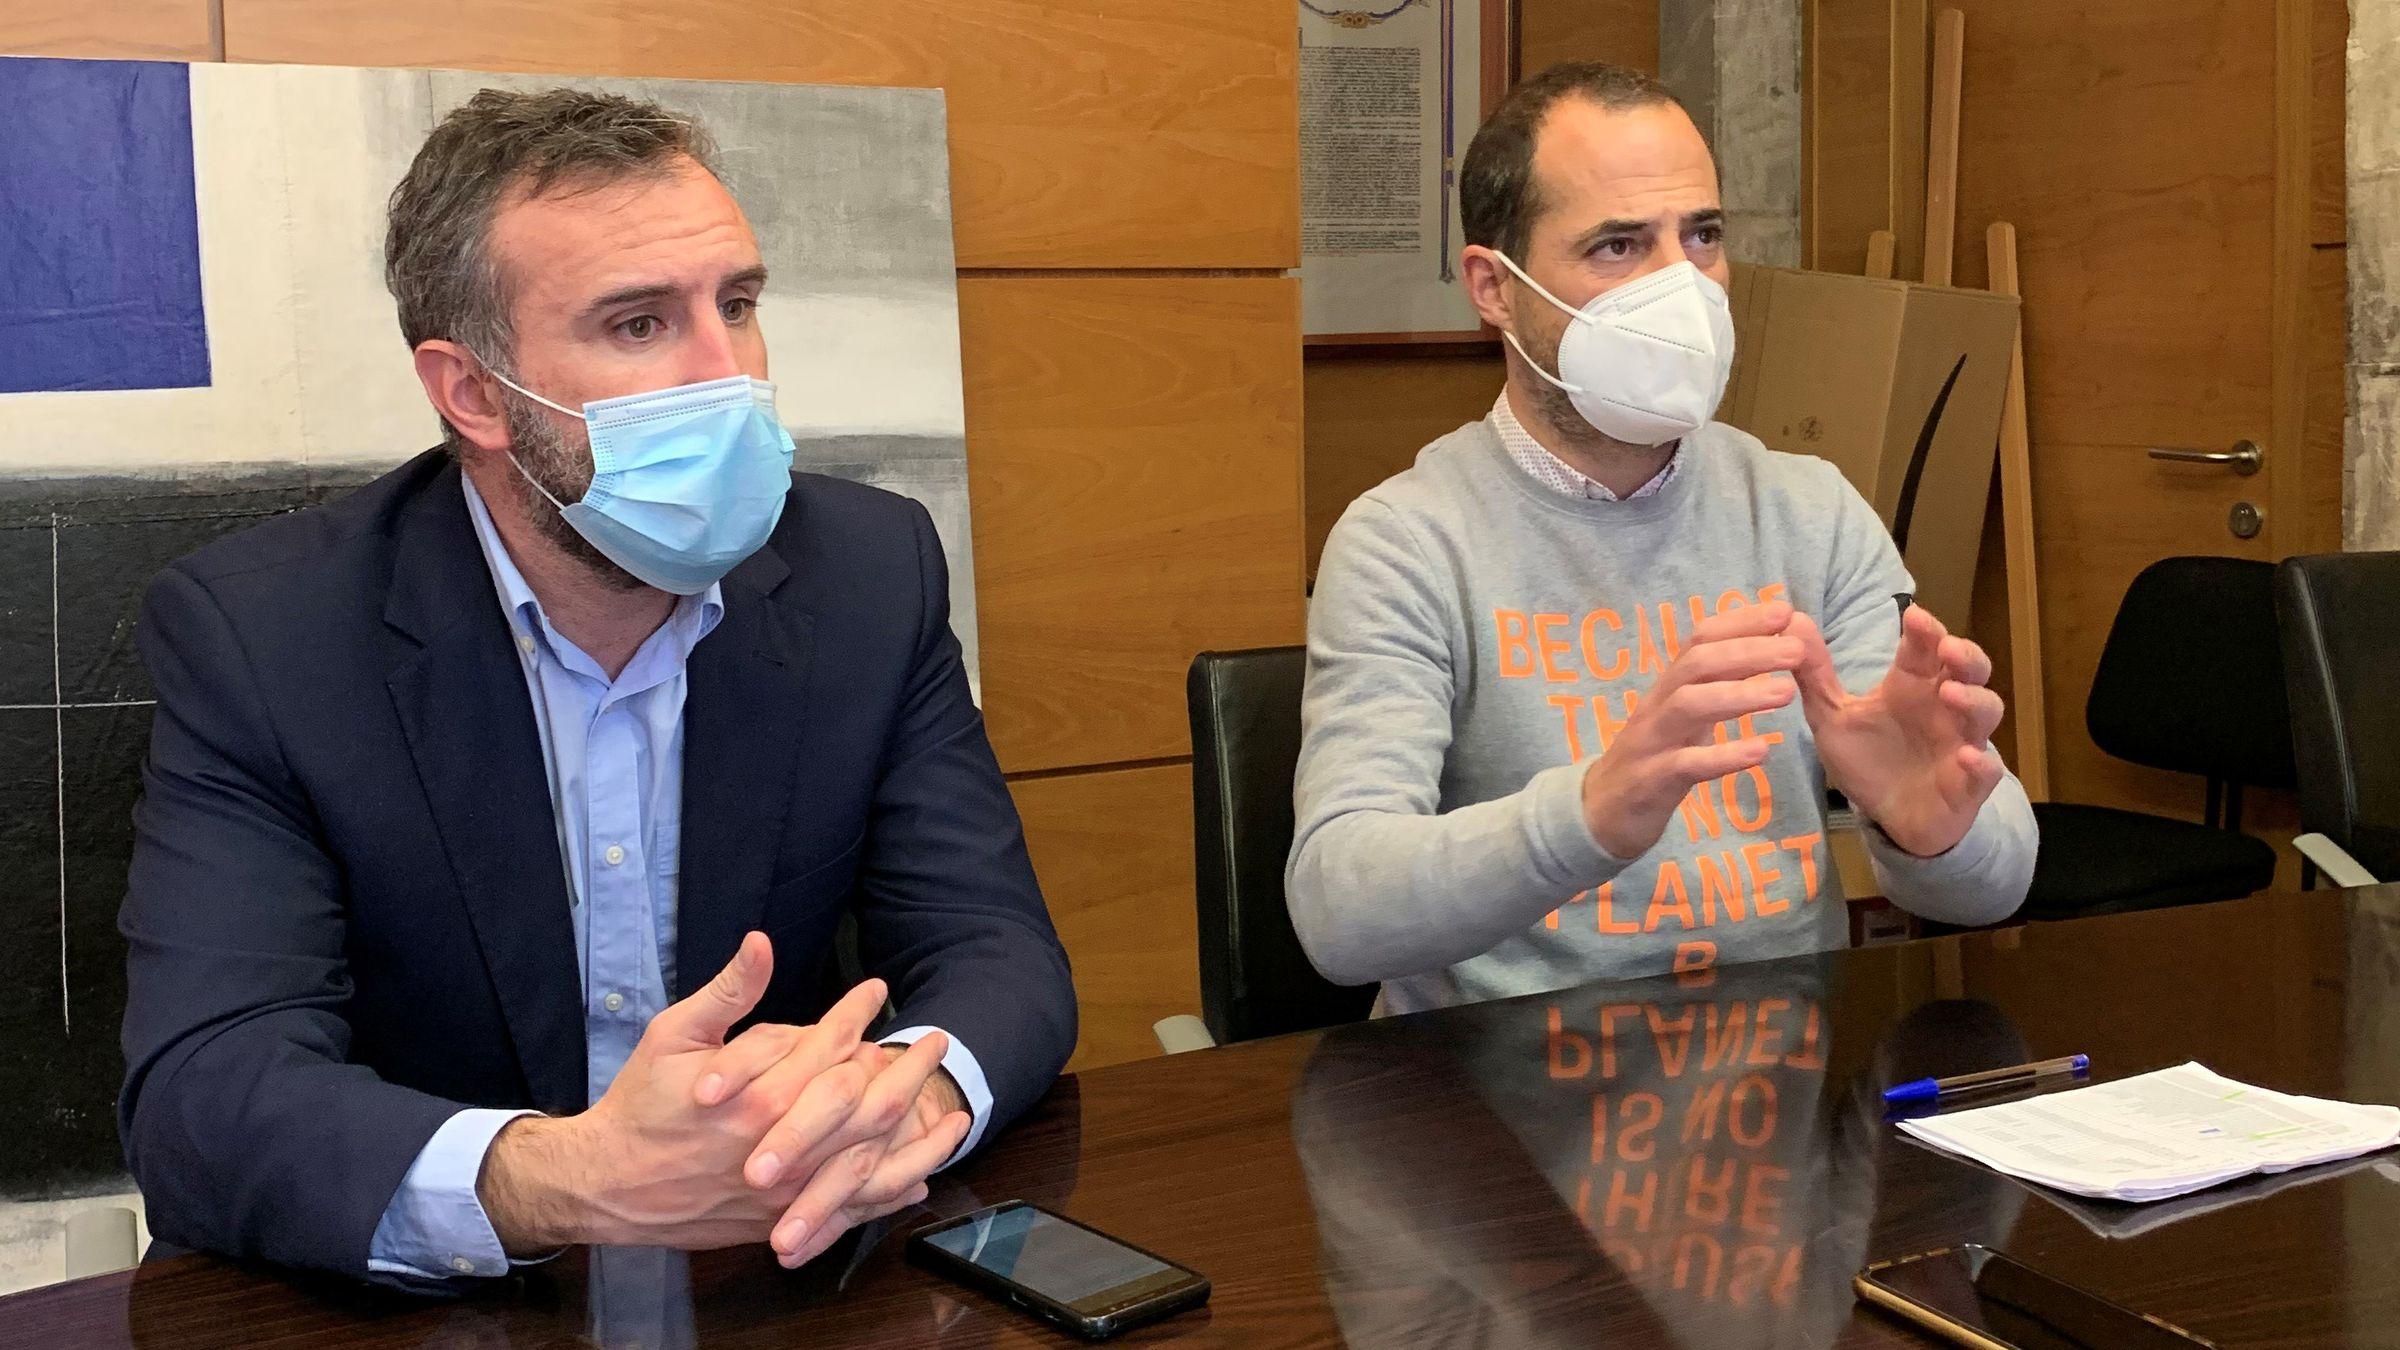 El alcalde de Siero, Ángel García, junto con el portavoz del PSOE, Alberto Pajares